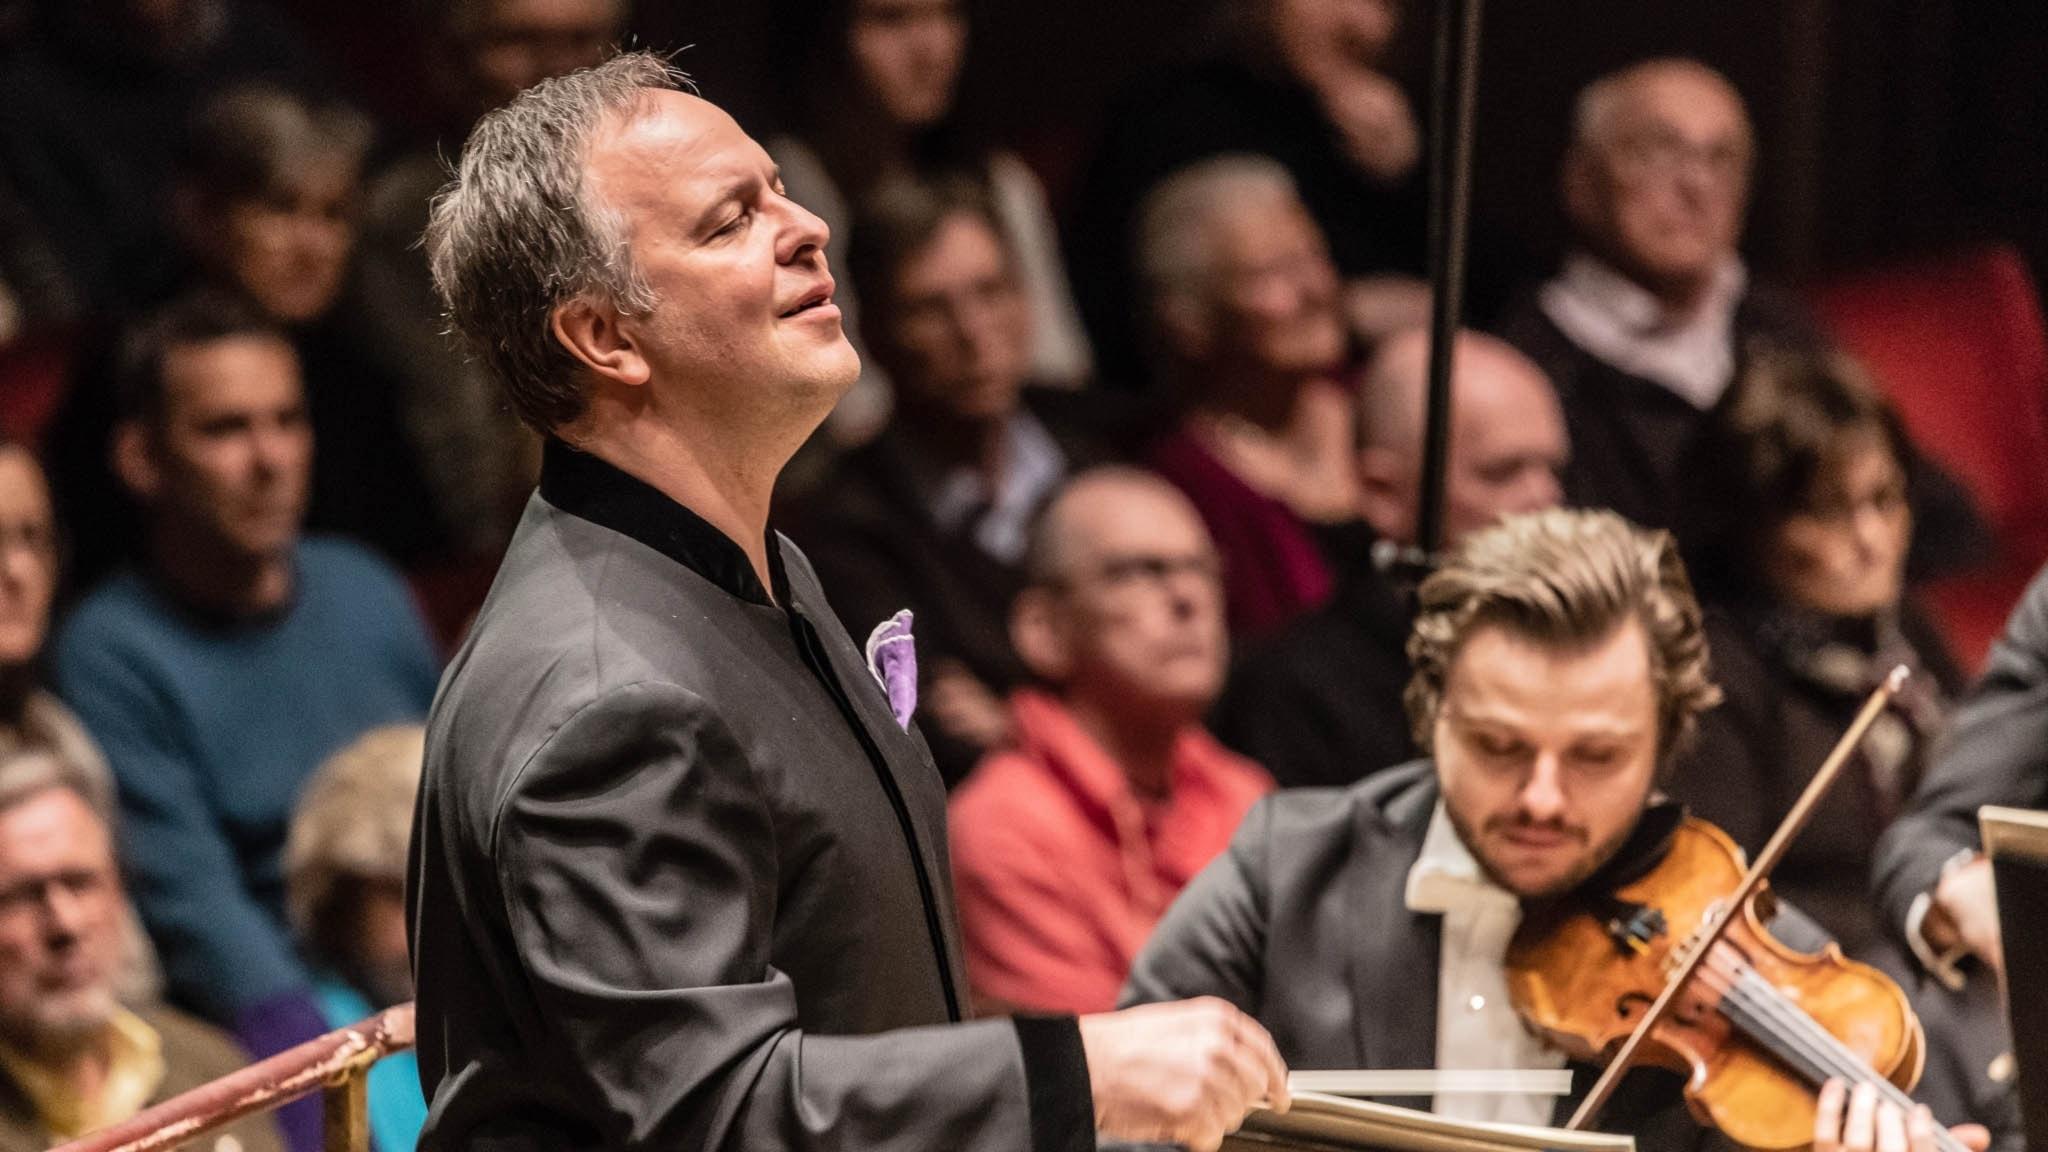 KONSERT: Busonis grandiosa pianokonsert